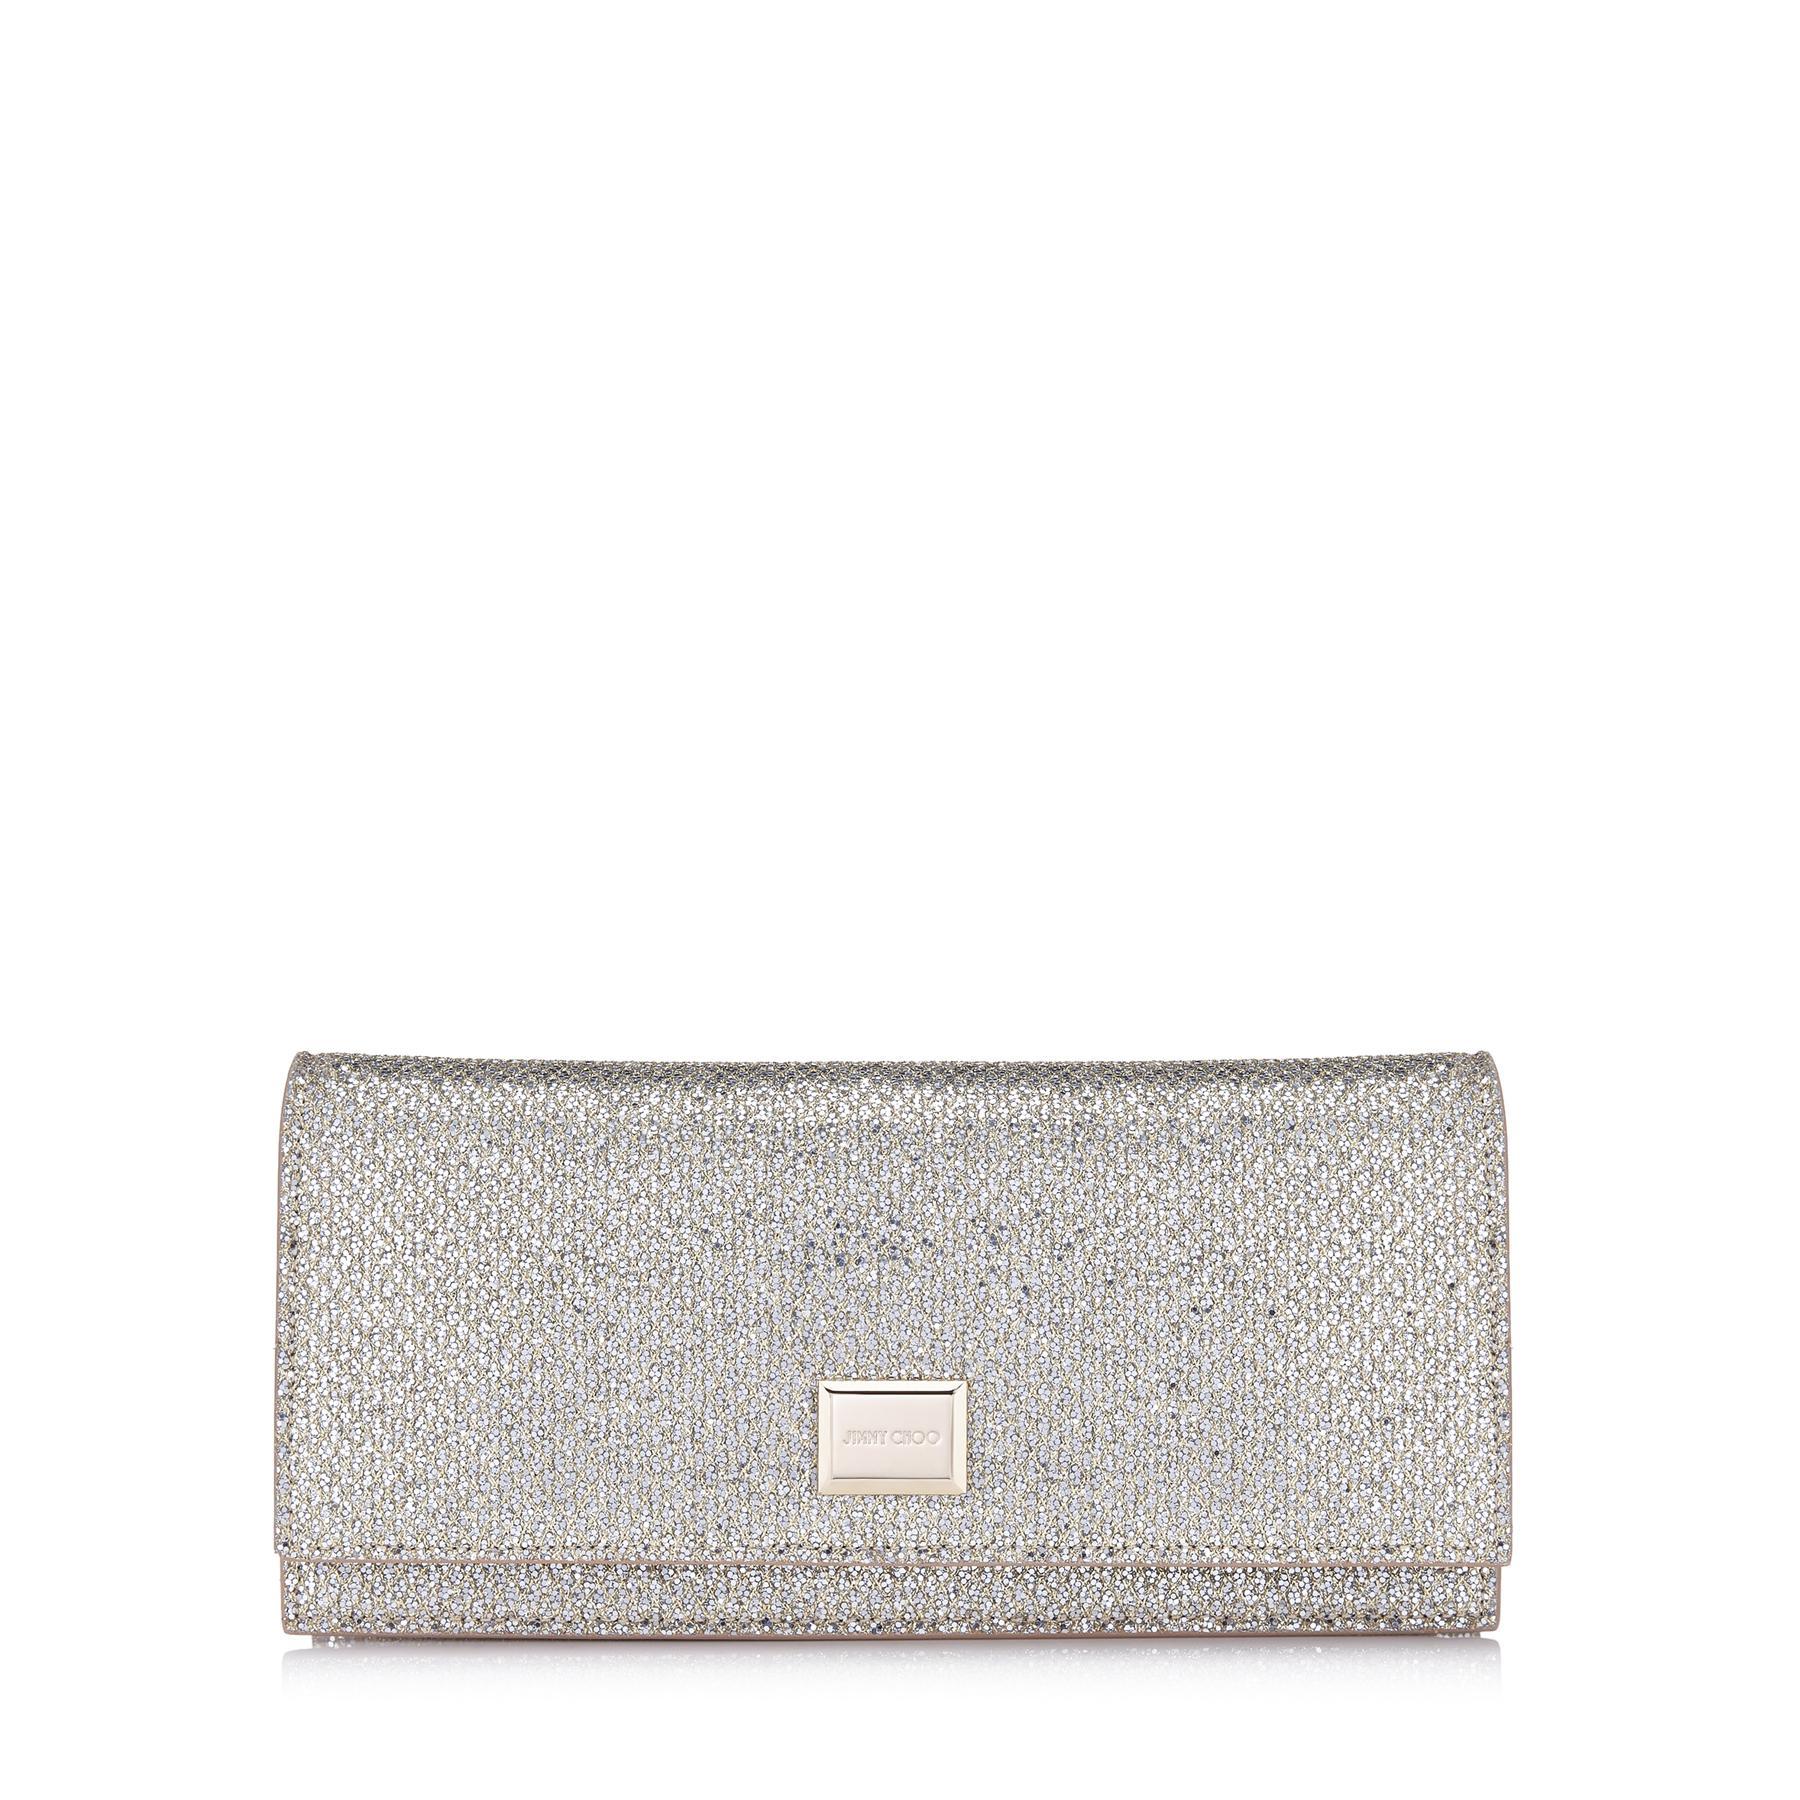 4553d279427 Lyst - Jimmy Choo Lilia Champagne Glitter Fabric Mini Bag in Metallic